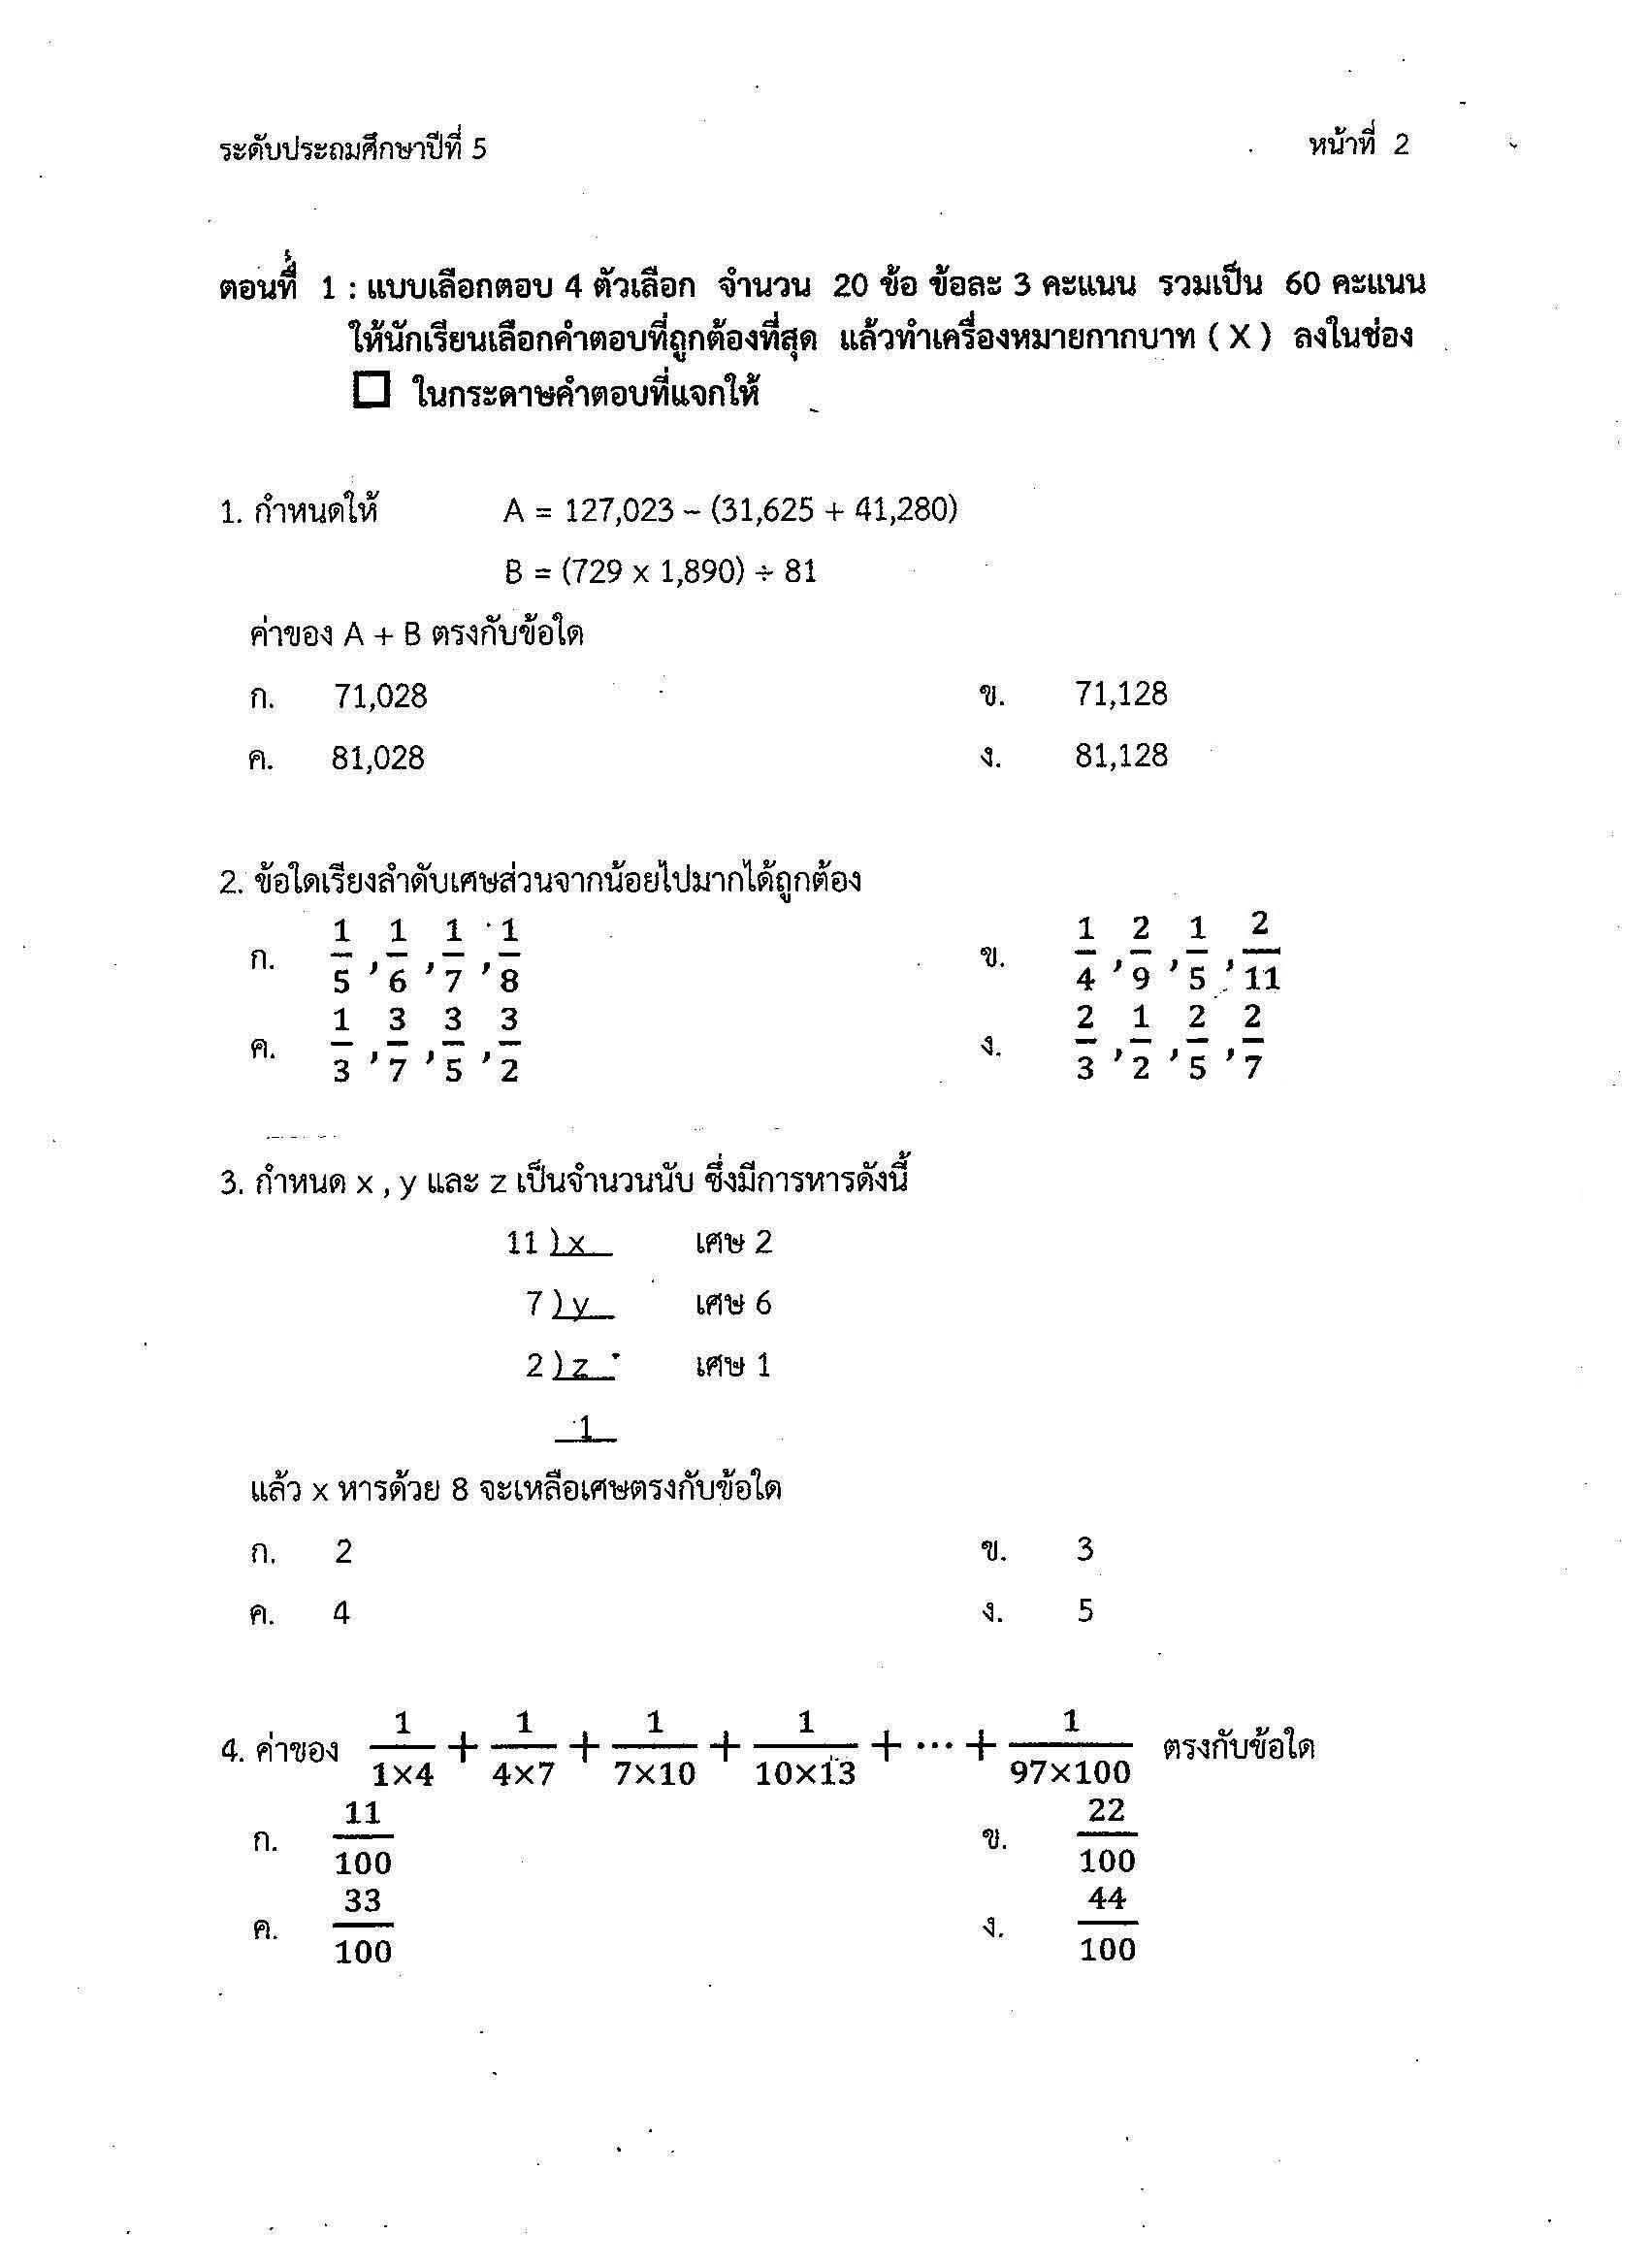 ข้อสอบ อัจฉริยภาพทางคณิตศาสตร์ โรงเรียนลำปางกัลยาณี ชั้น ป.5 ปี2559